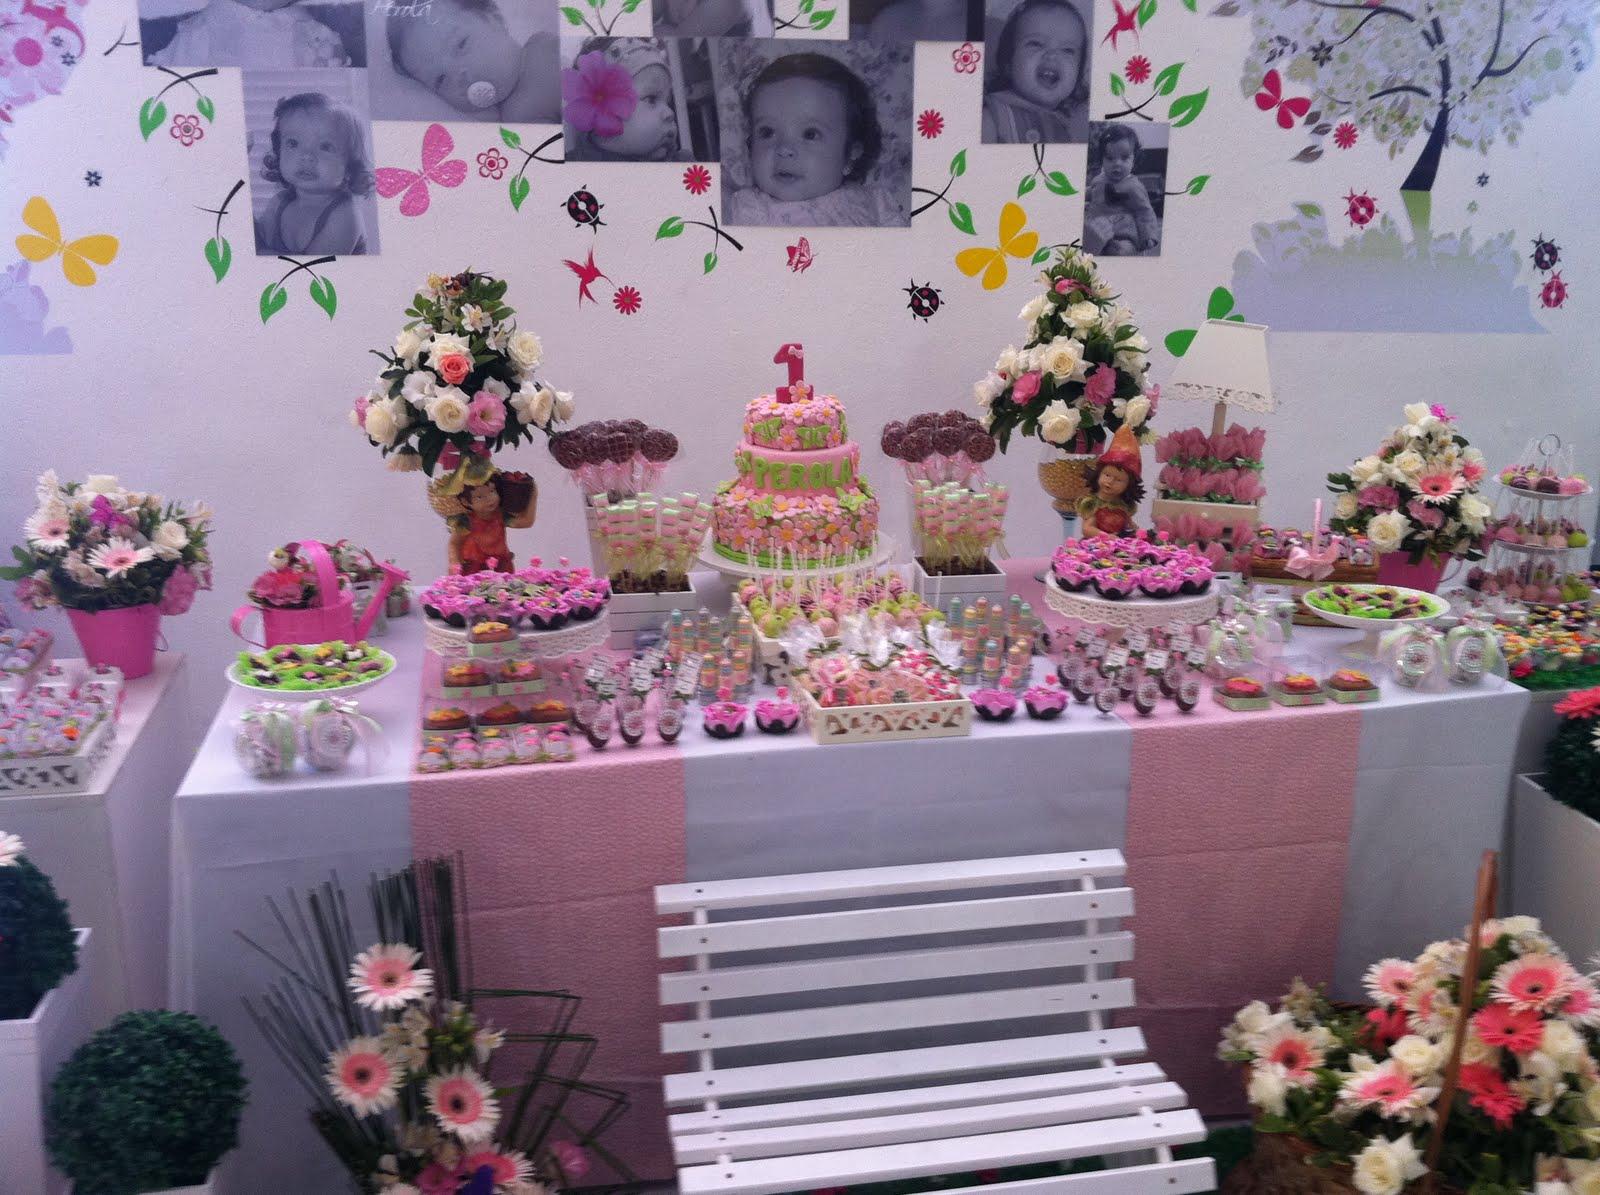 festa infantil tema o jardim : festa infantil tema o jardim:Postado por Serviços de buffet Empório D'egusta às 15:50